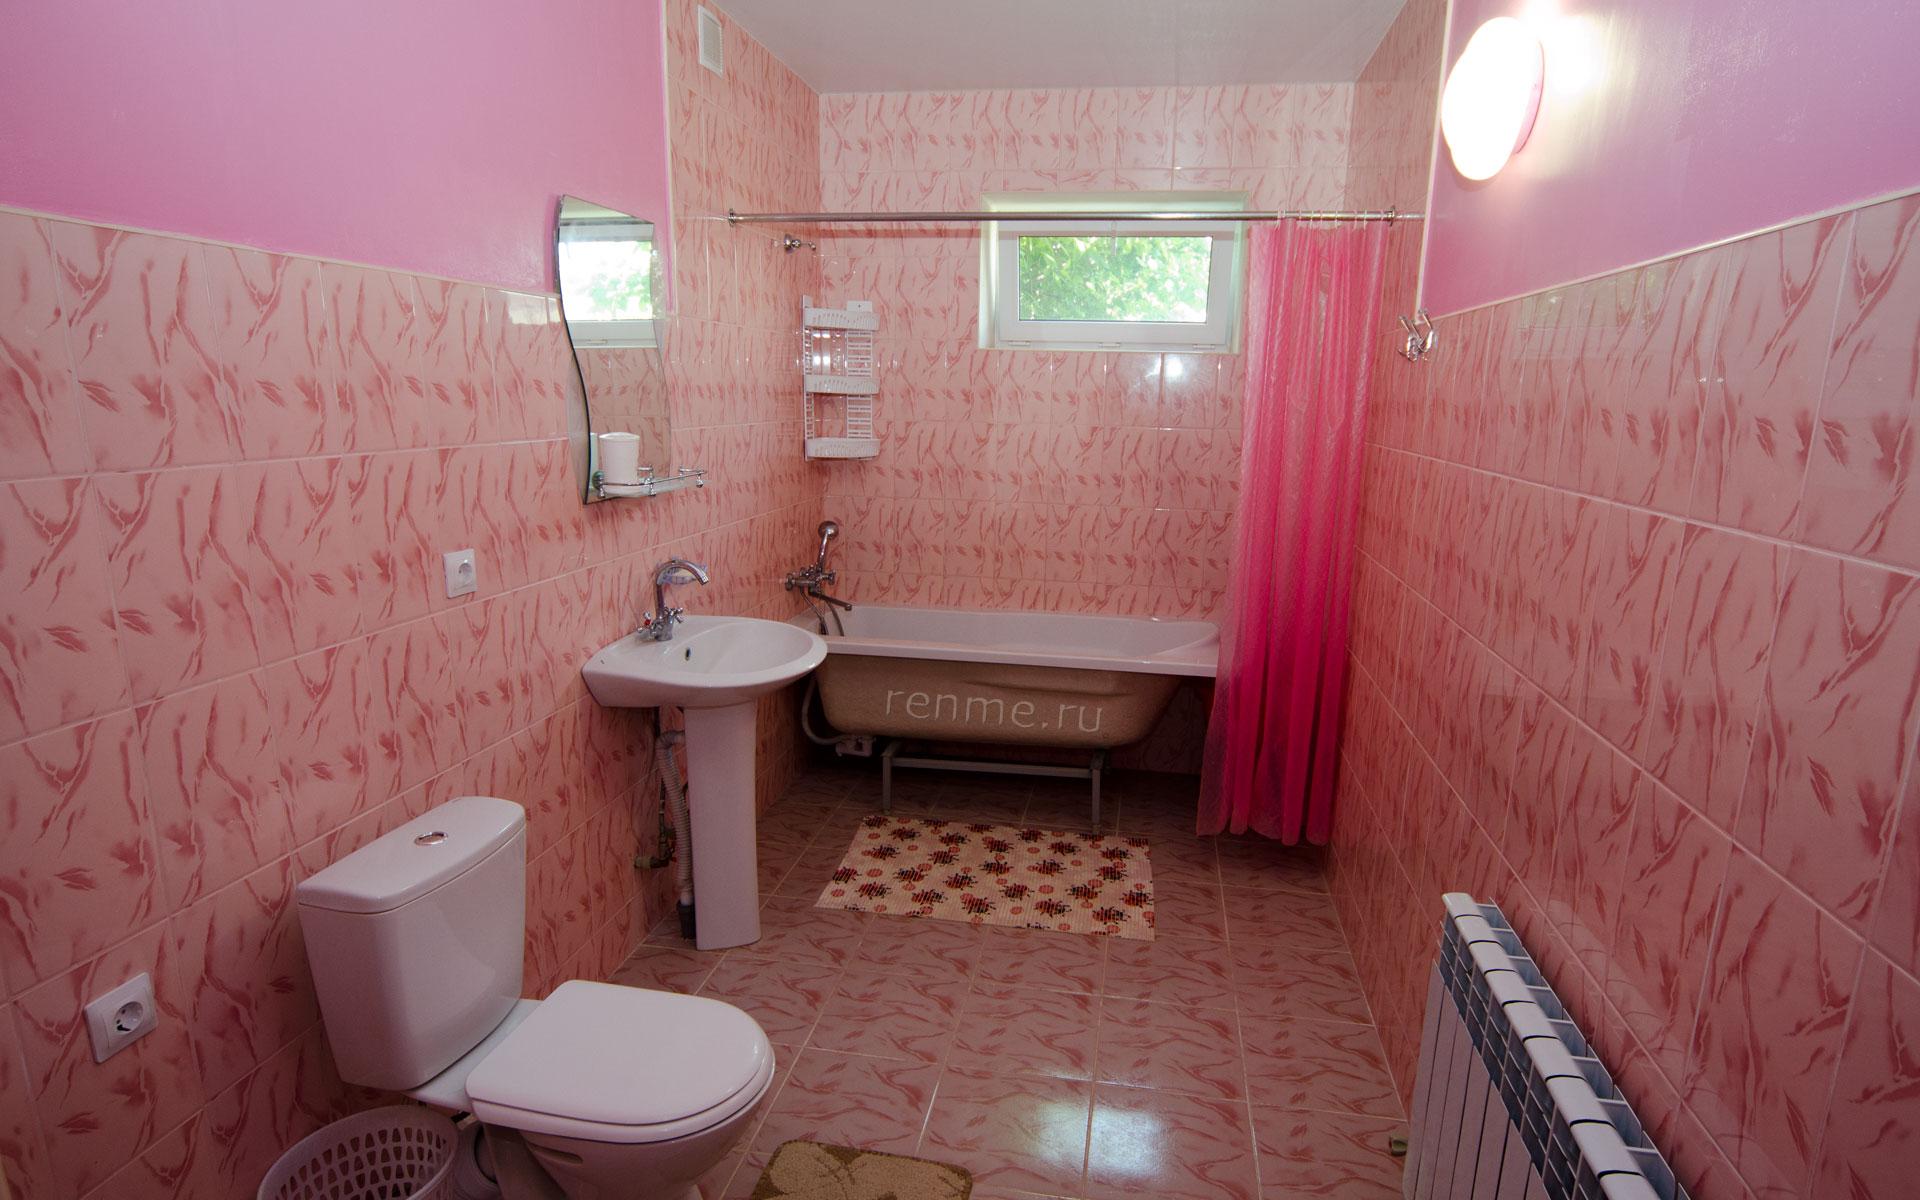 Туалет, ванна. Двухкомнатная квартира-студия на первом этаже. Апарт-отель на ул. Гайдара. Заозёрное